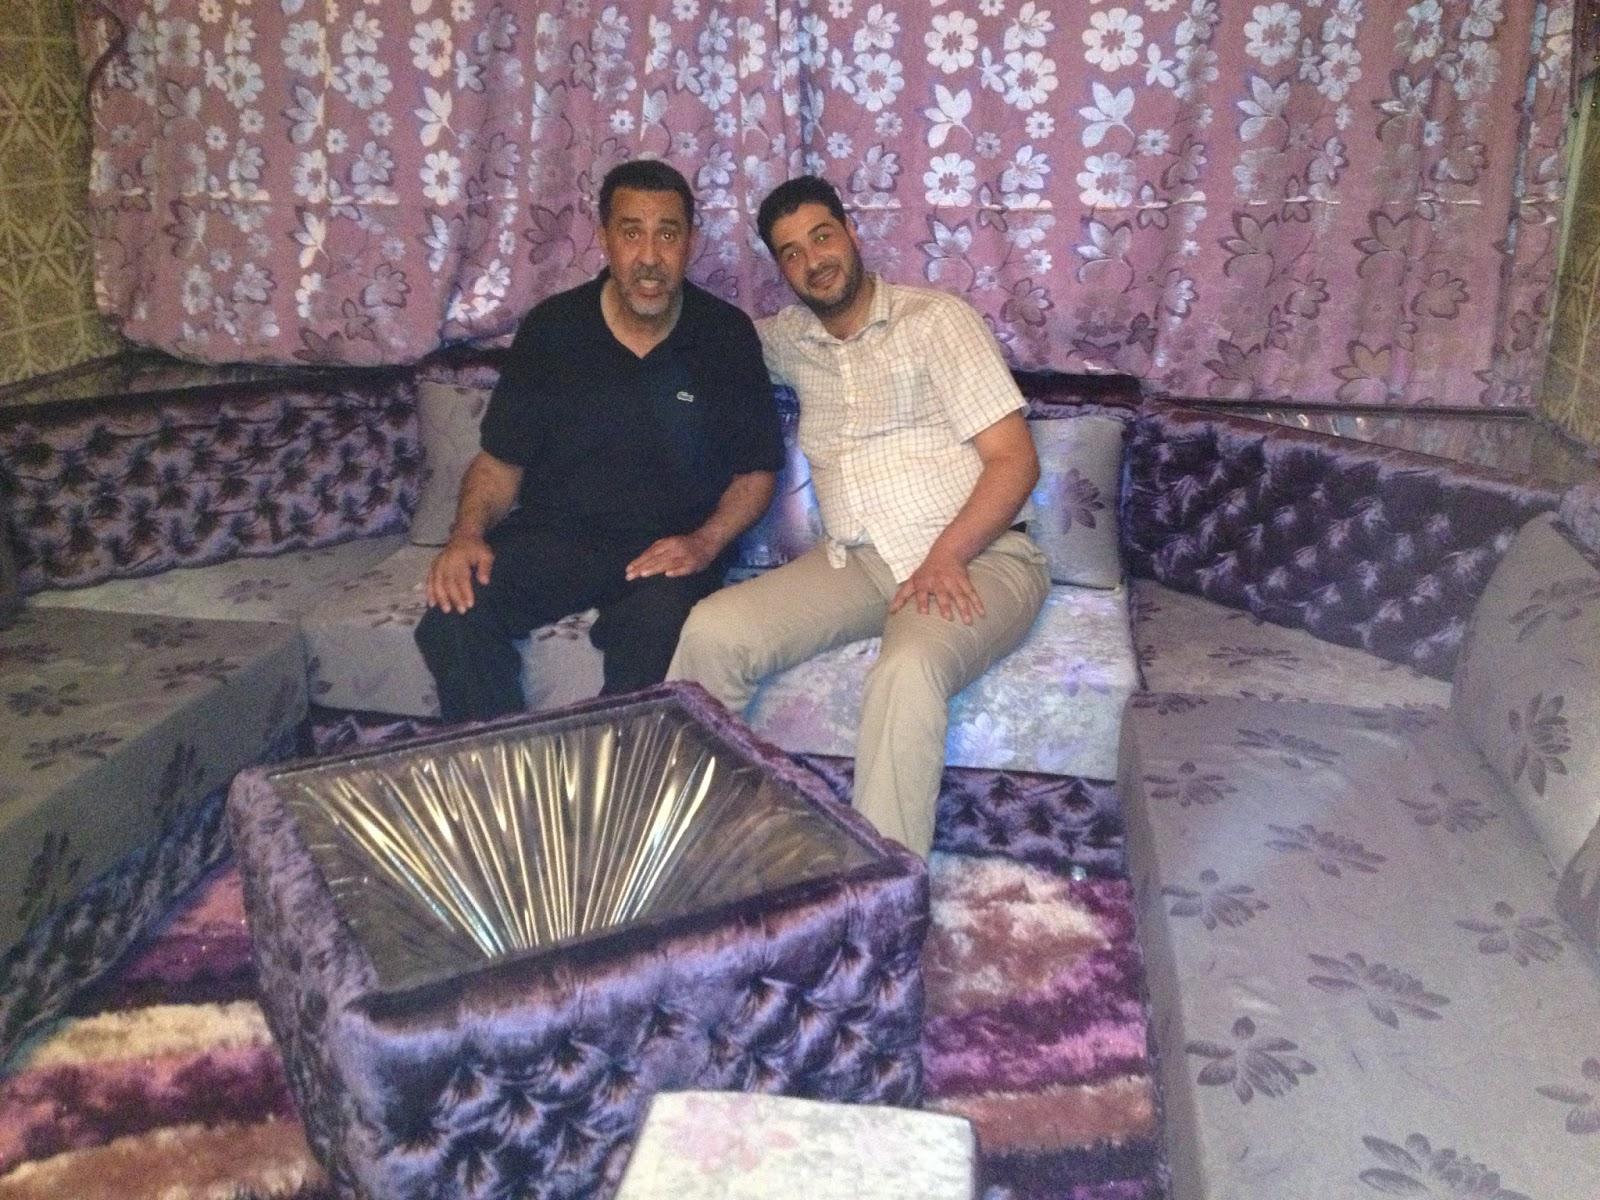 Stunning Salon Moderne Alger Facebook Images - House Interior ...